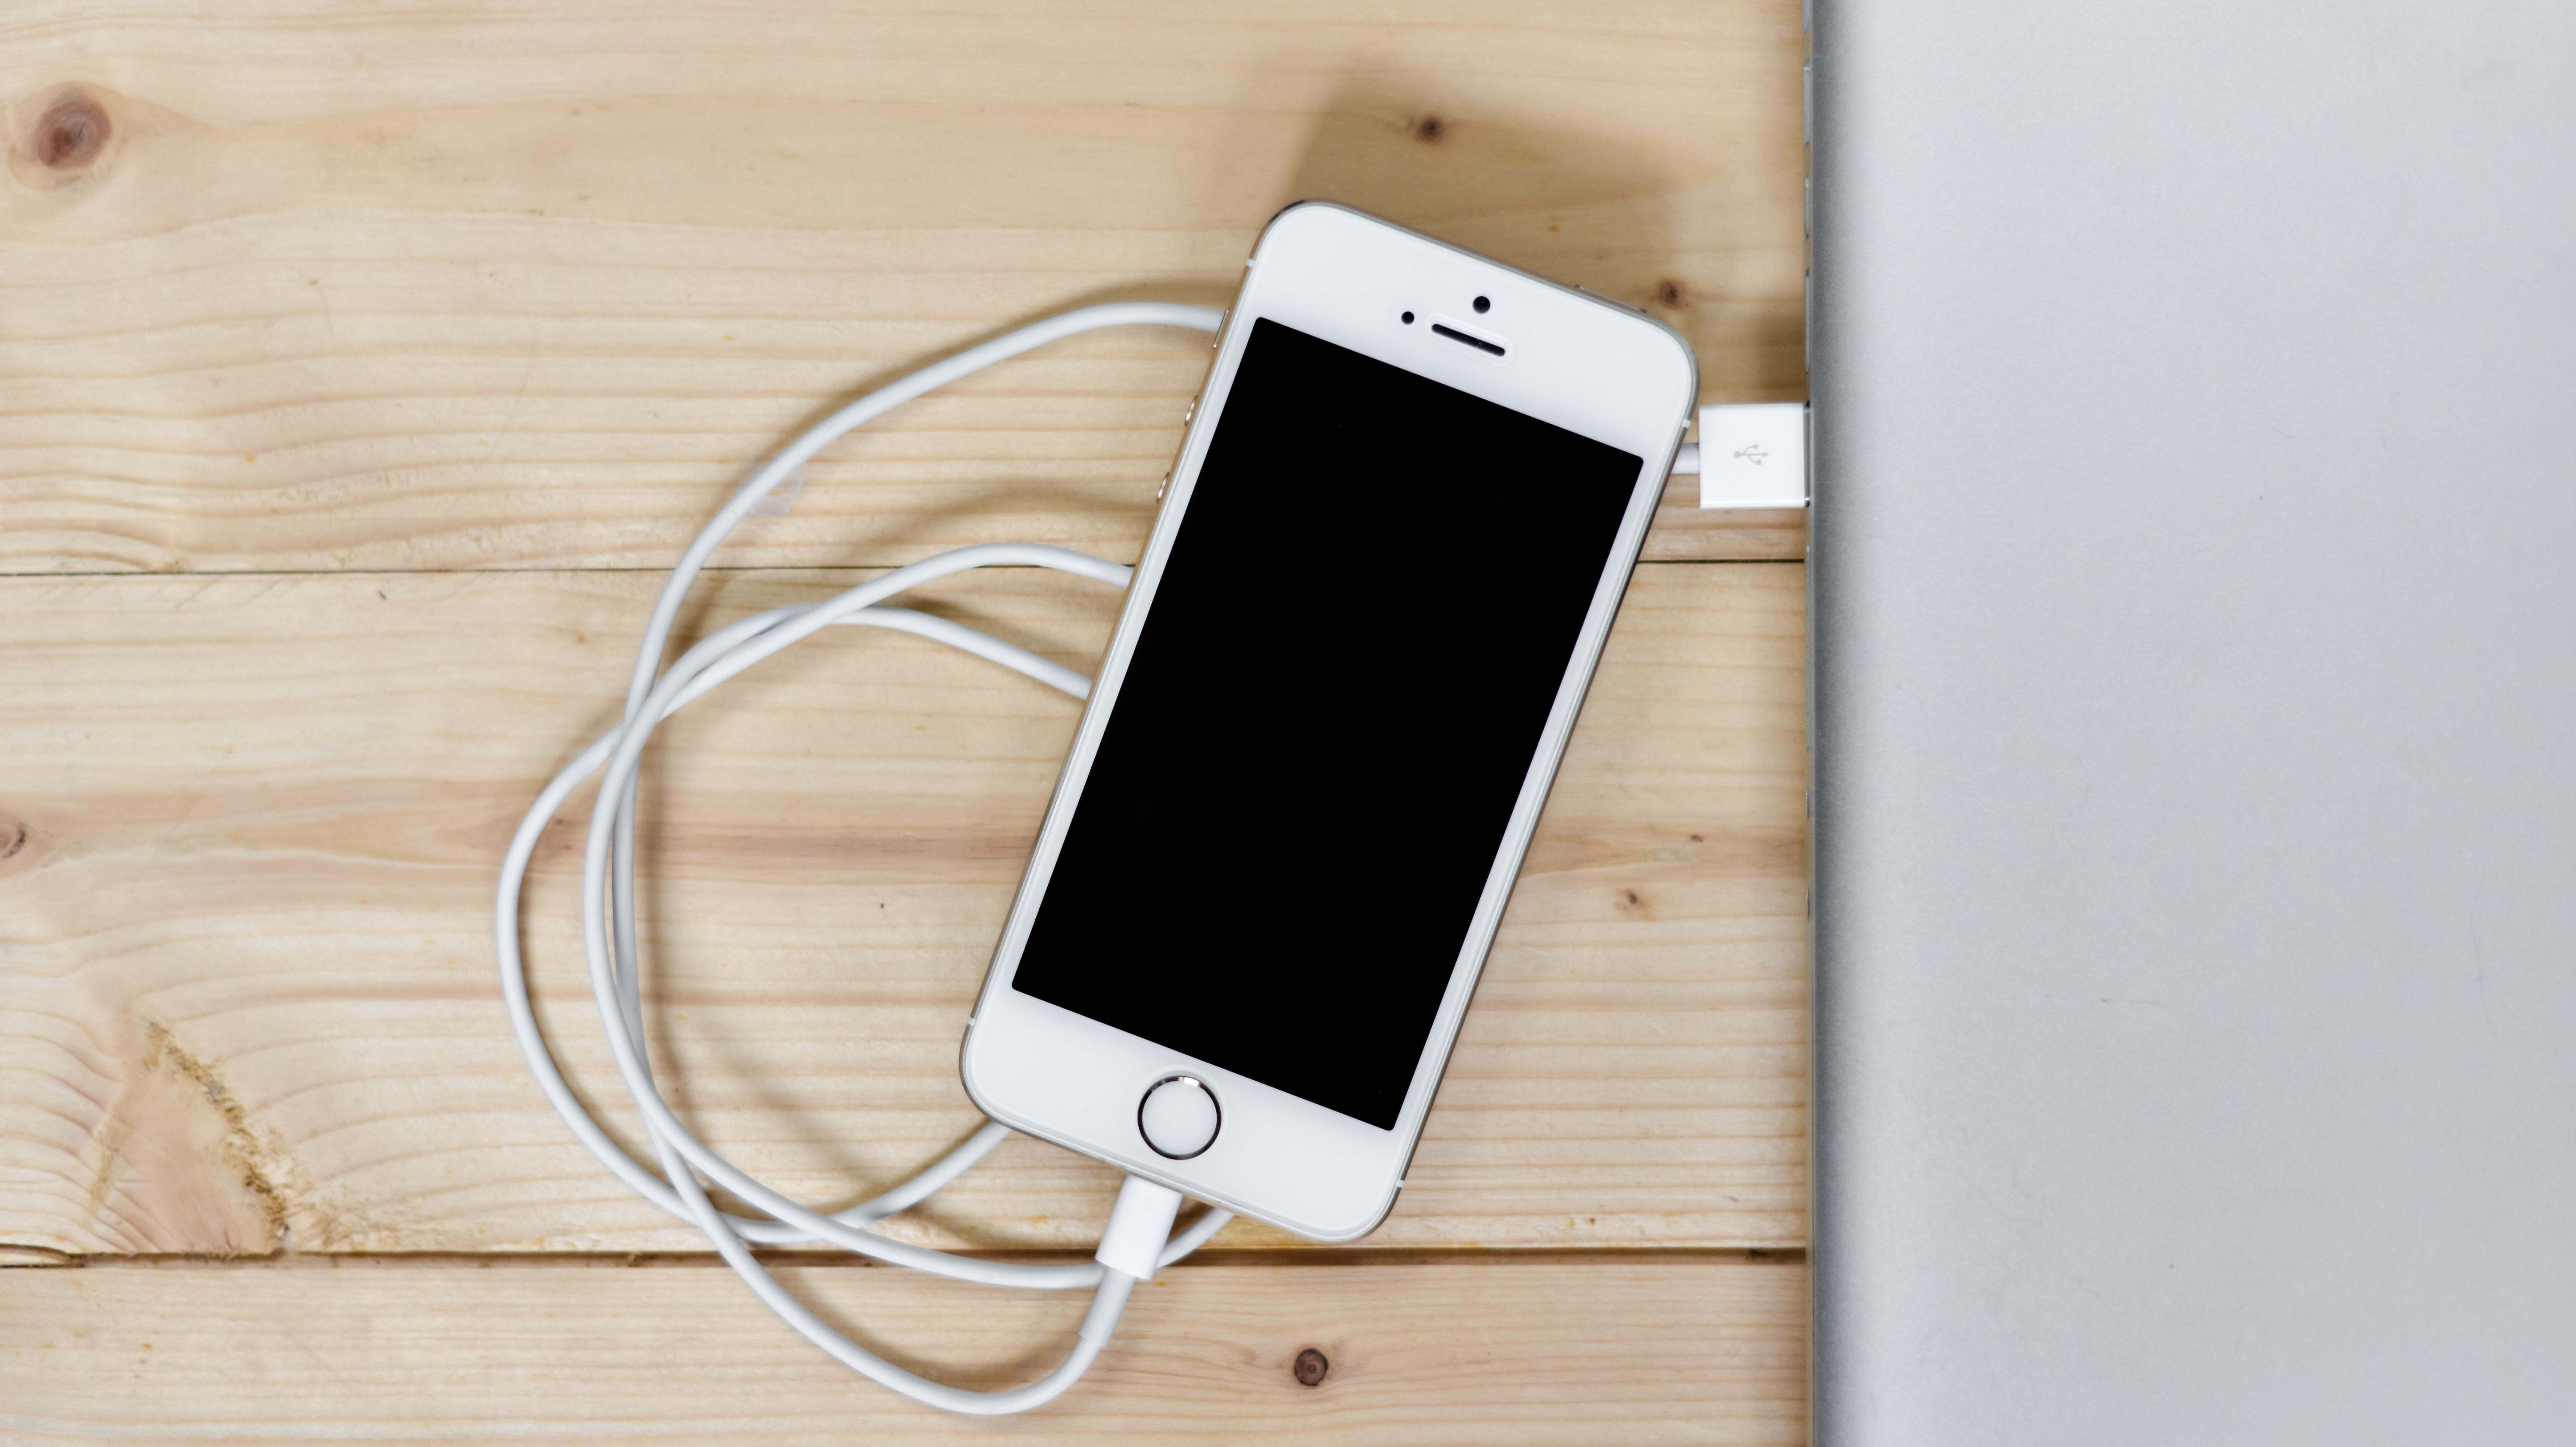 Iphone Ladekabel Geht Nicht